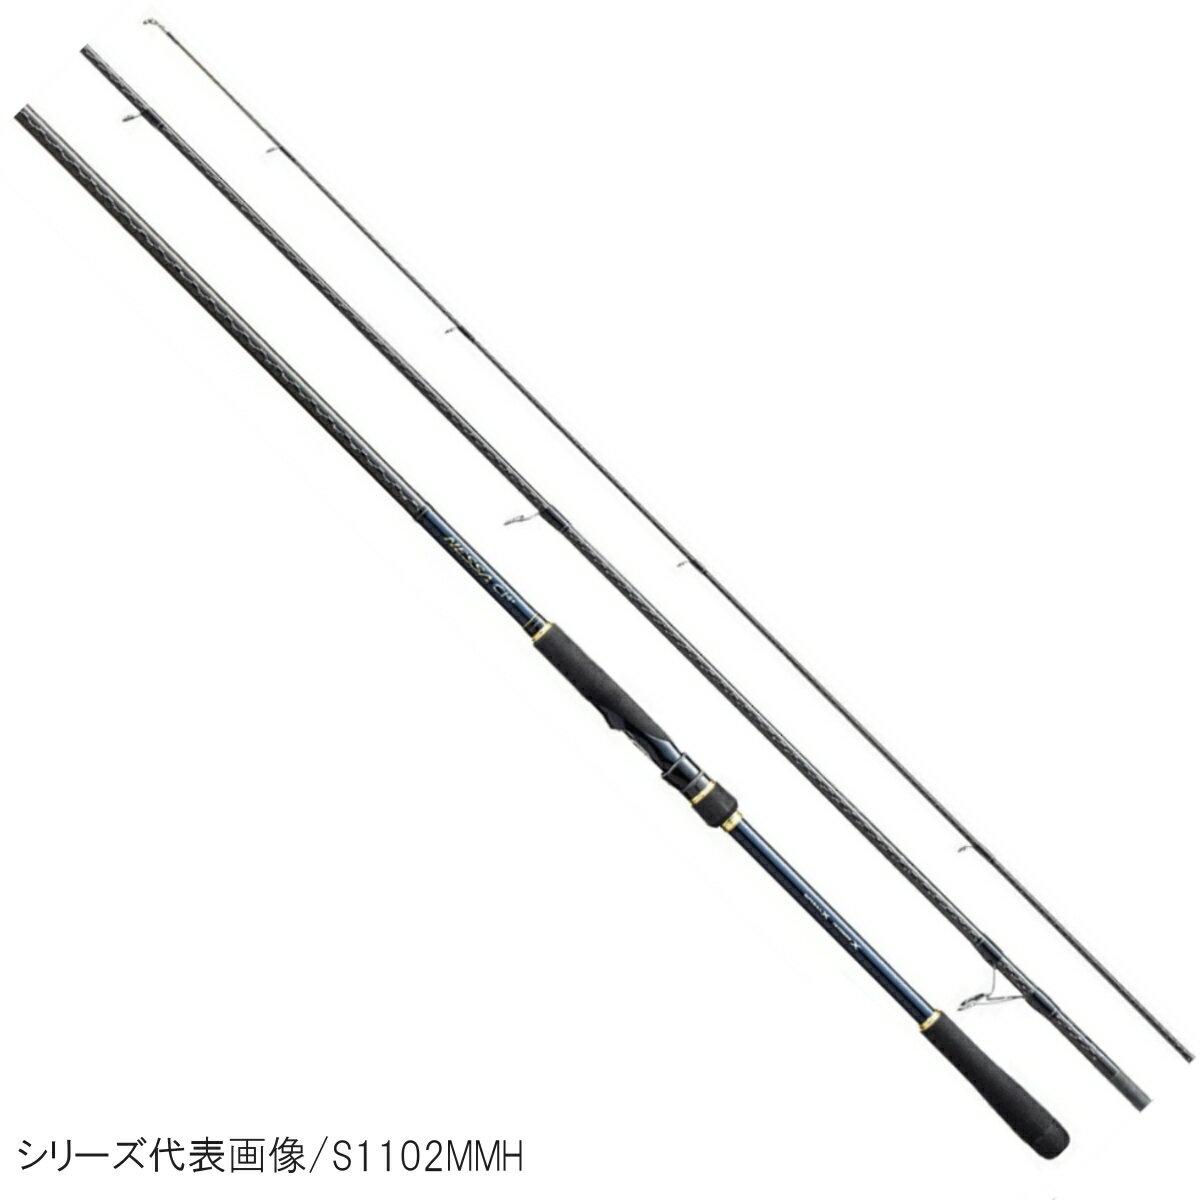 シマノ ネッサ CI4+ S1008MMH